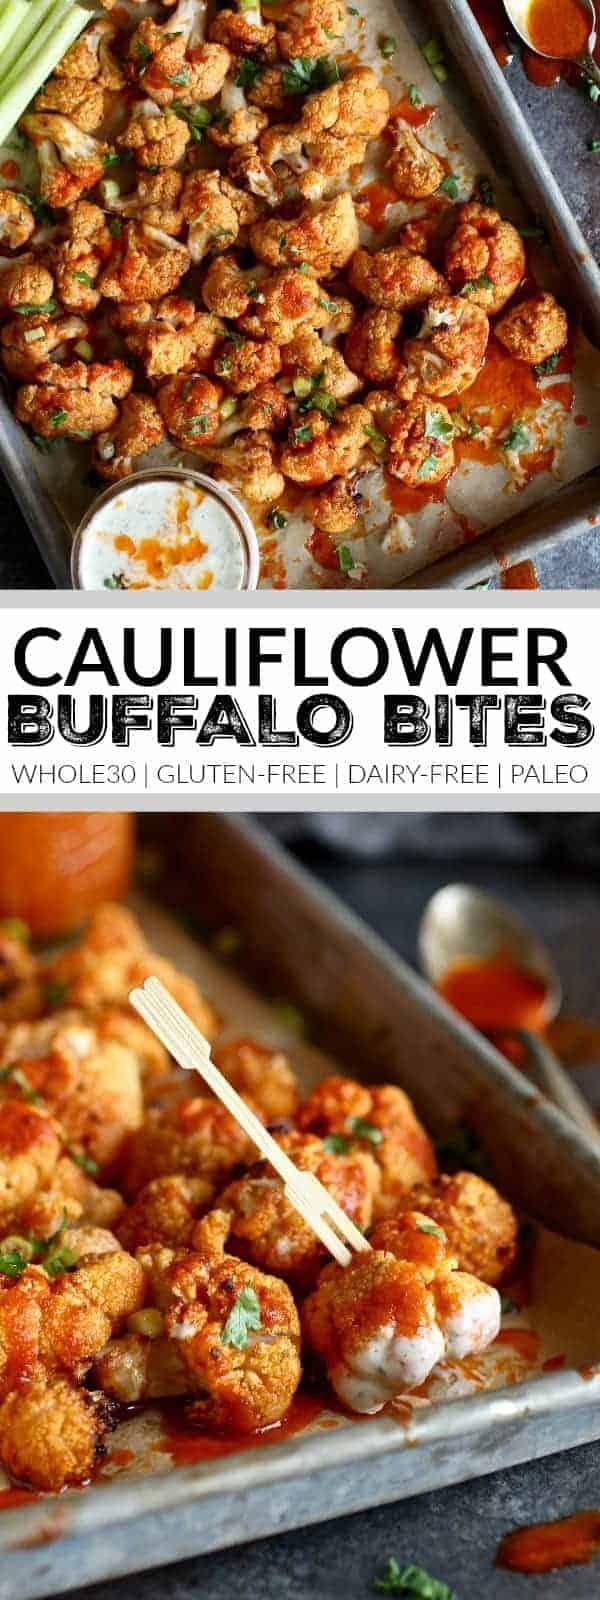 Pin image for Cauliflower Buffalo Bites (Whole30)